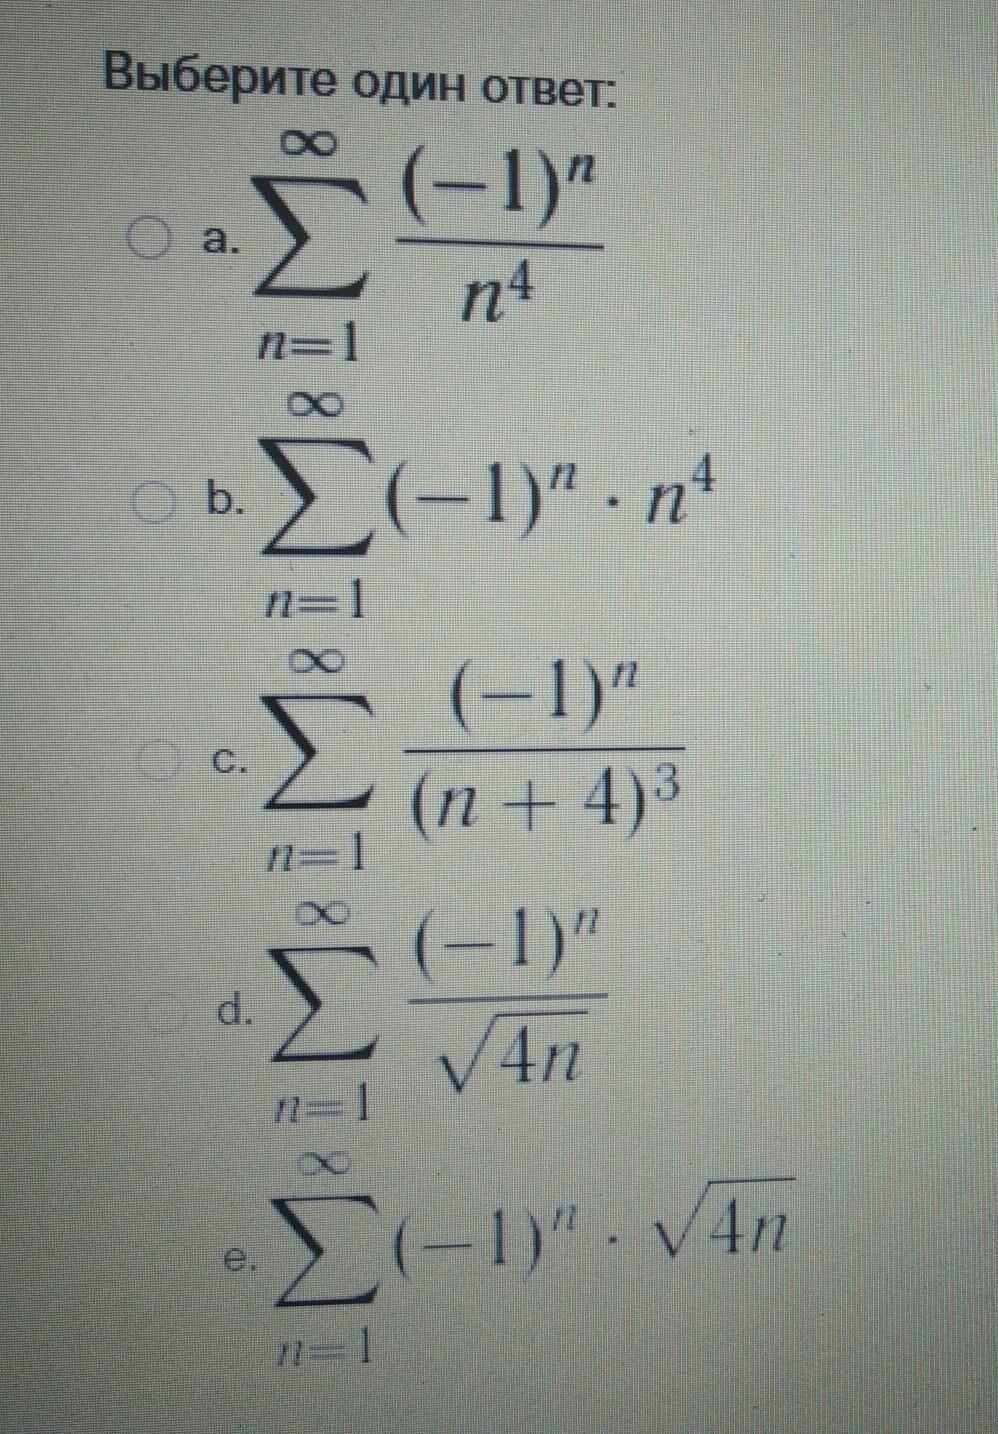 Отметьте условно сходящиеся ряды.помогите решить